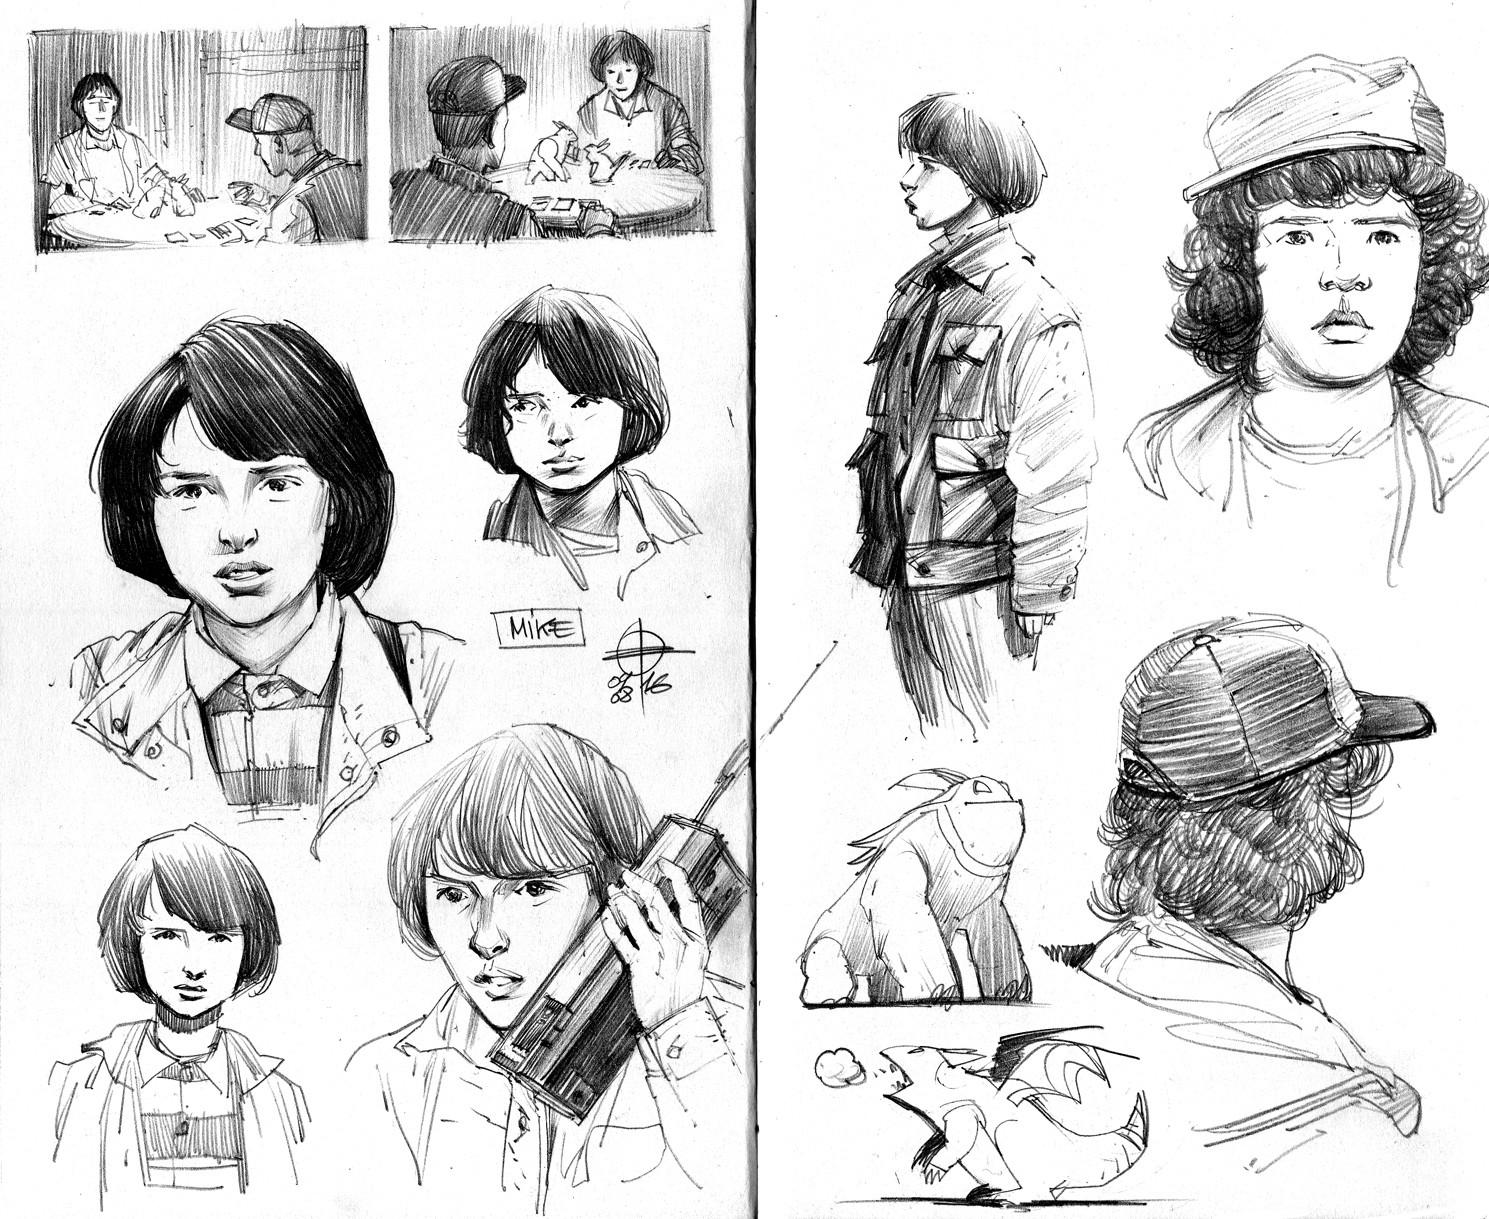 Renaud roche holo sketches web